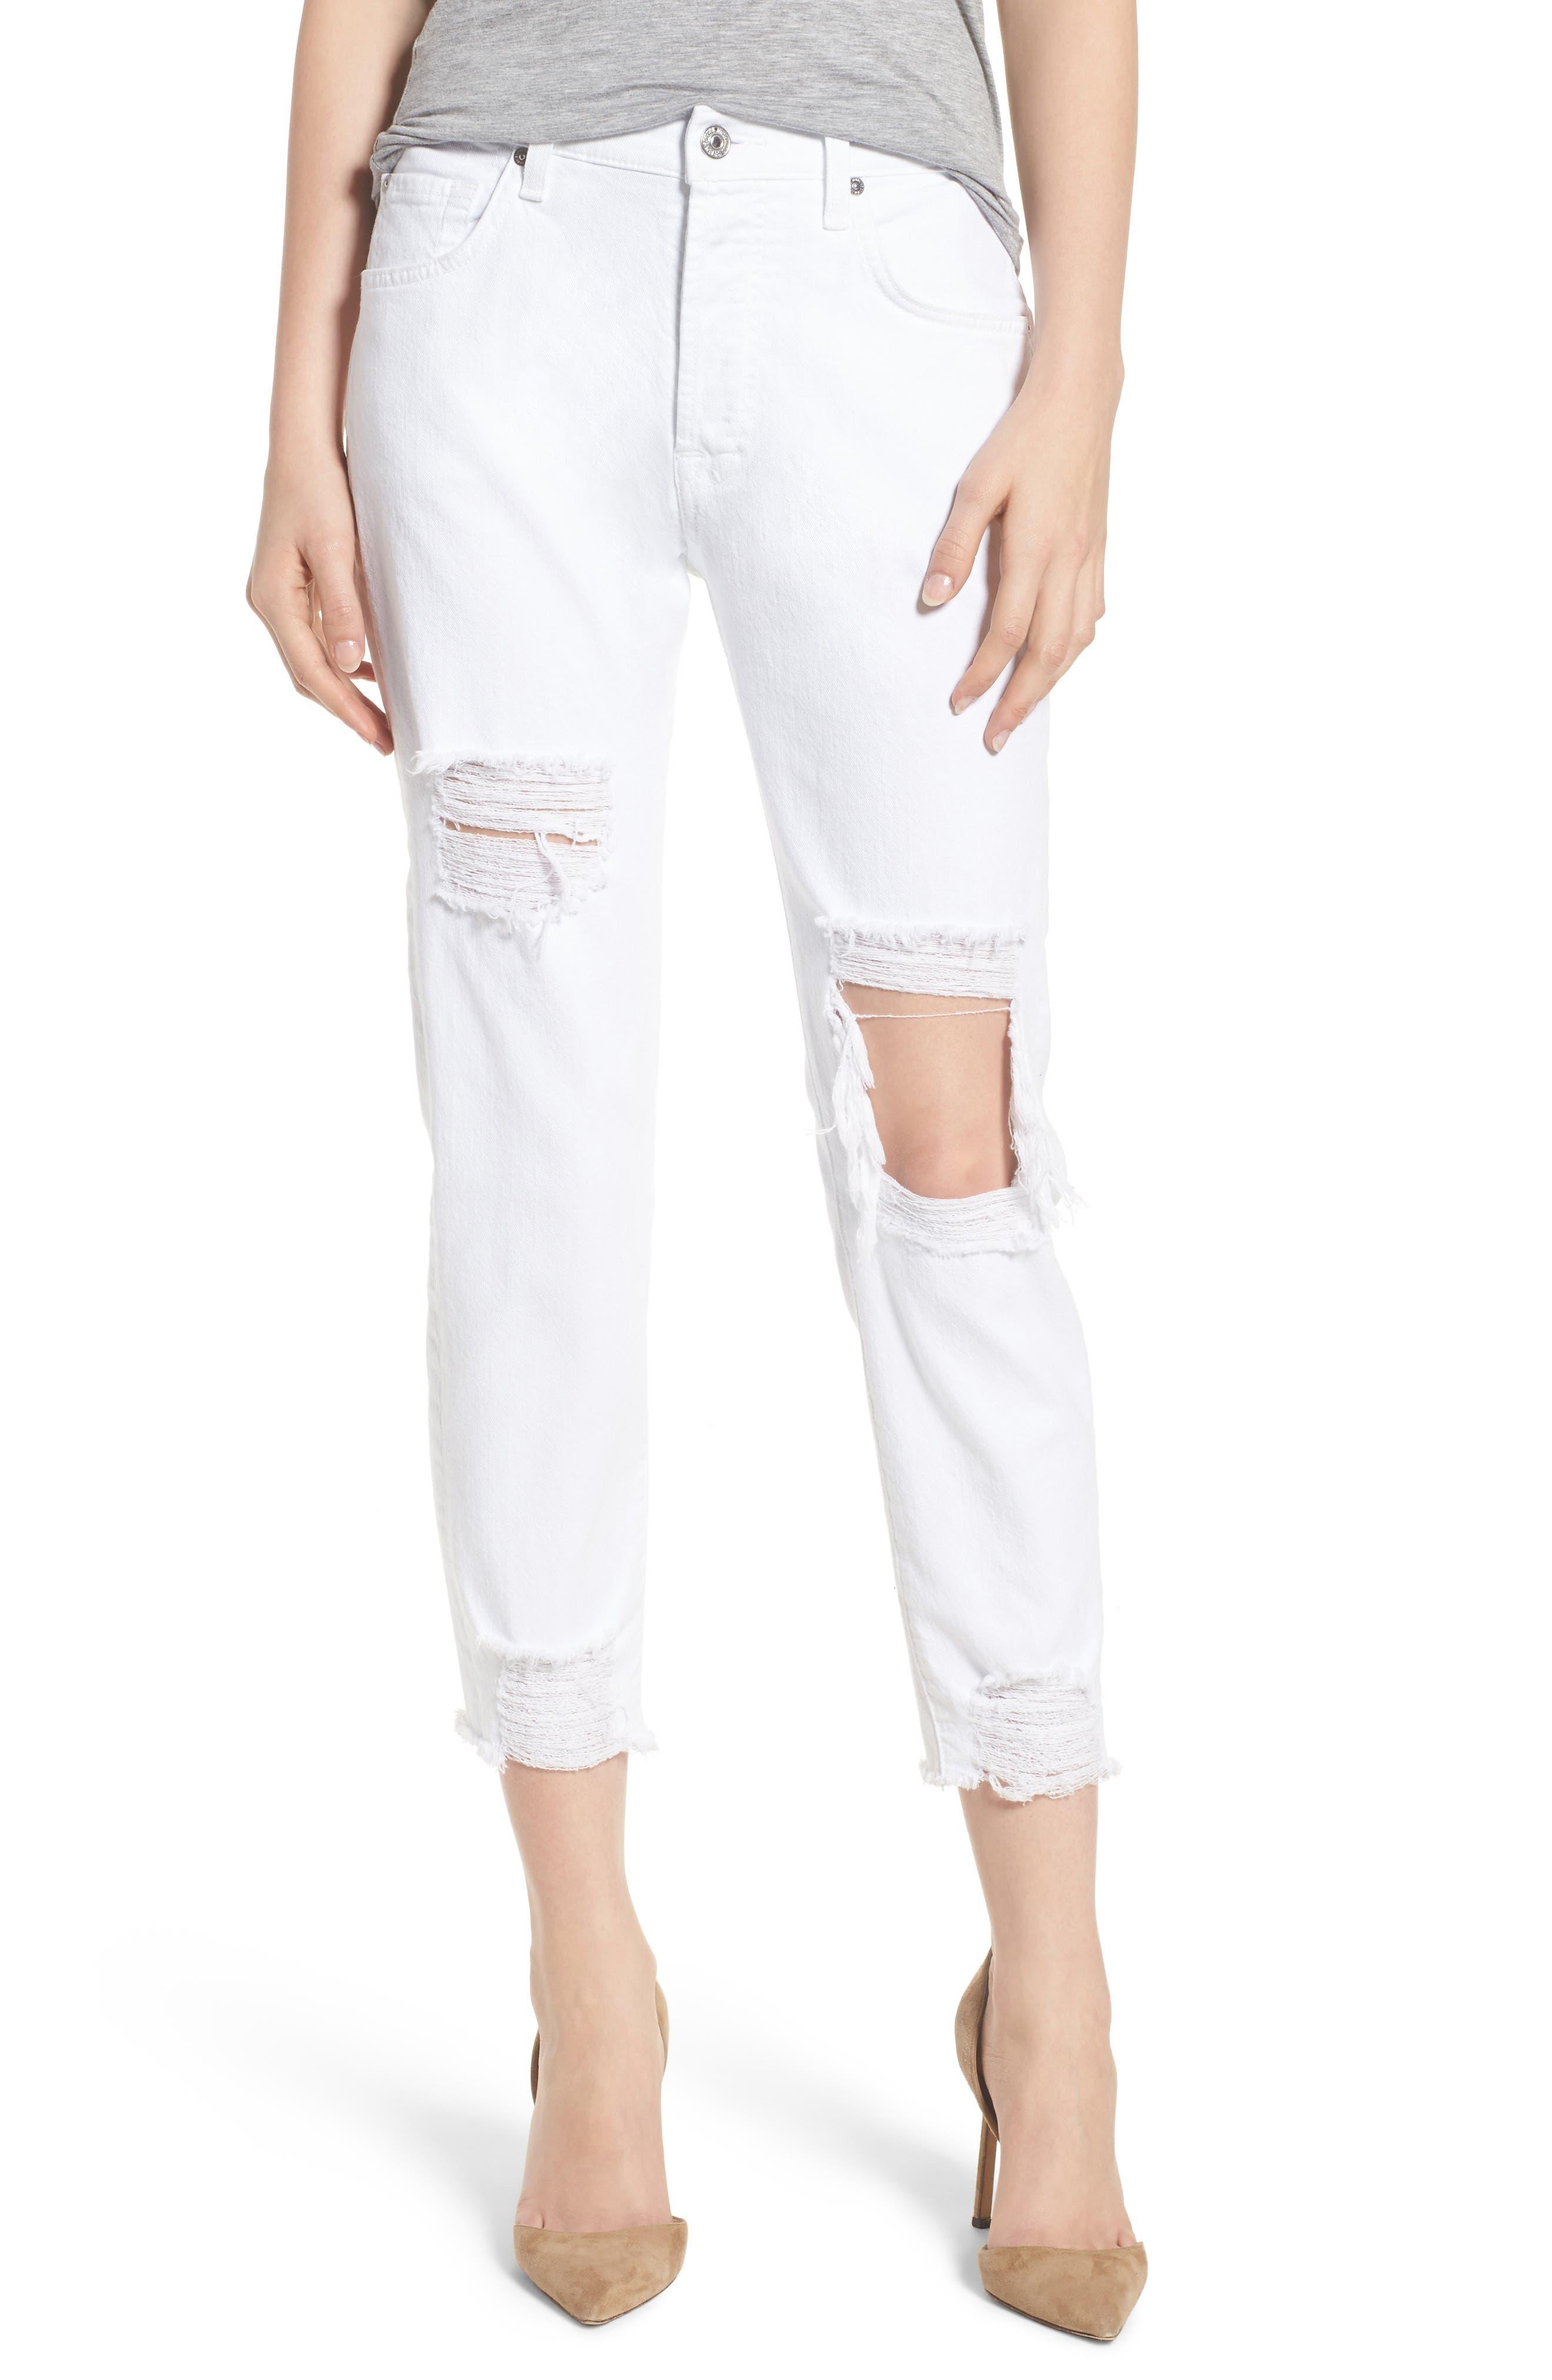 Josefina High Waist Boyfriend Jeans,                             Main thumbnail 1, color,                             White Fashion 2